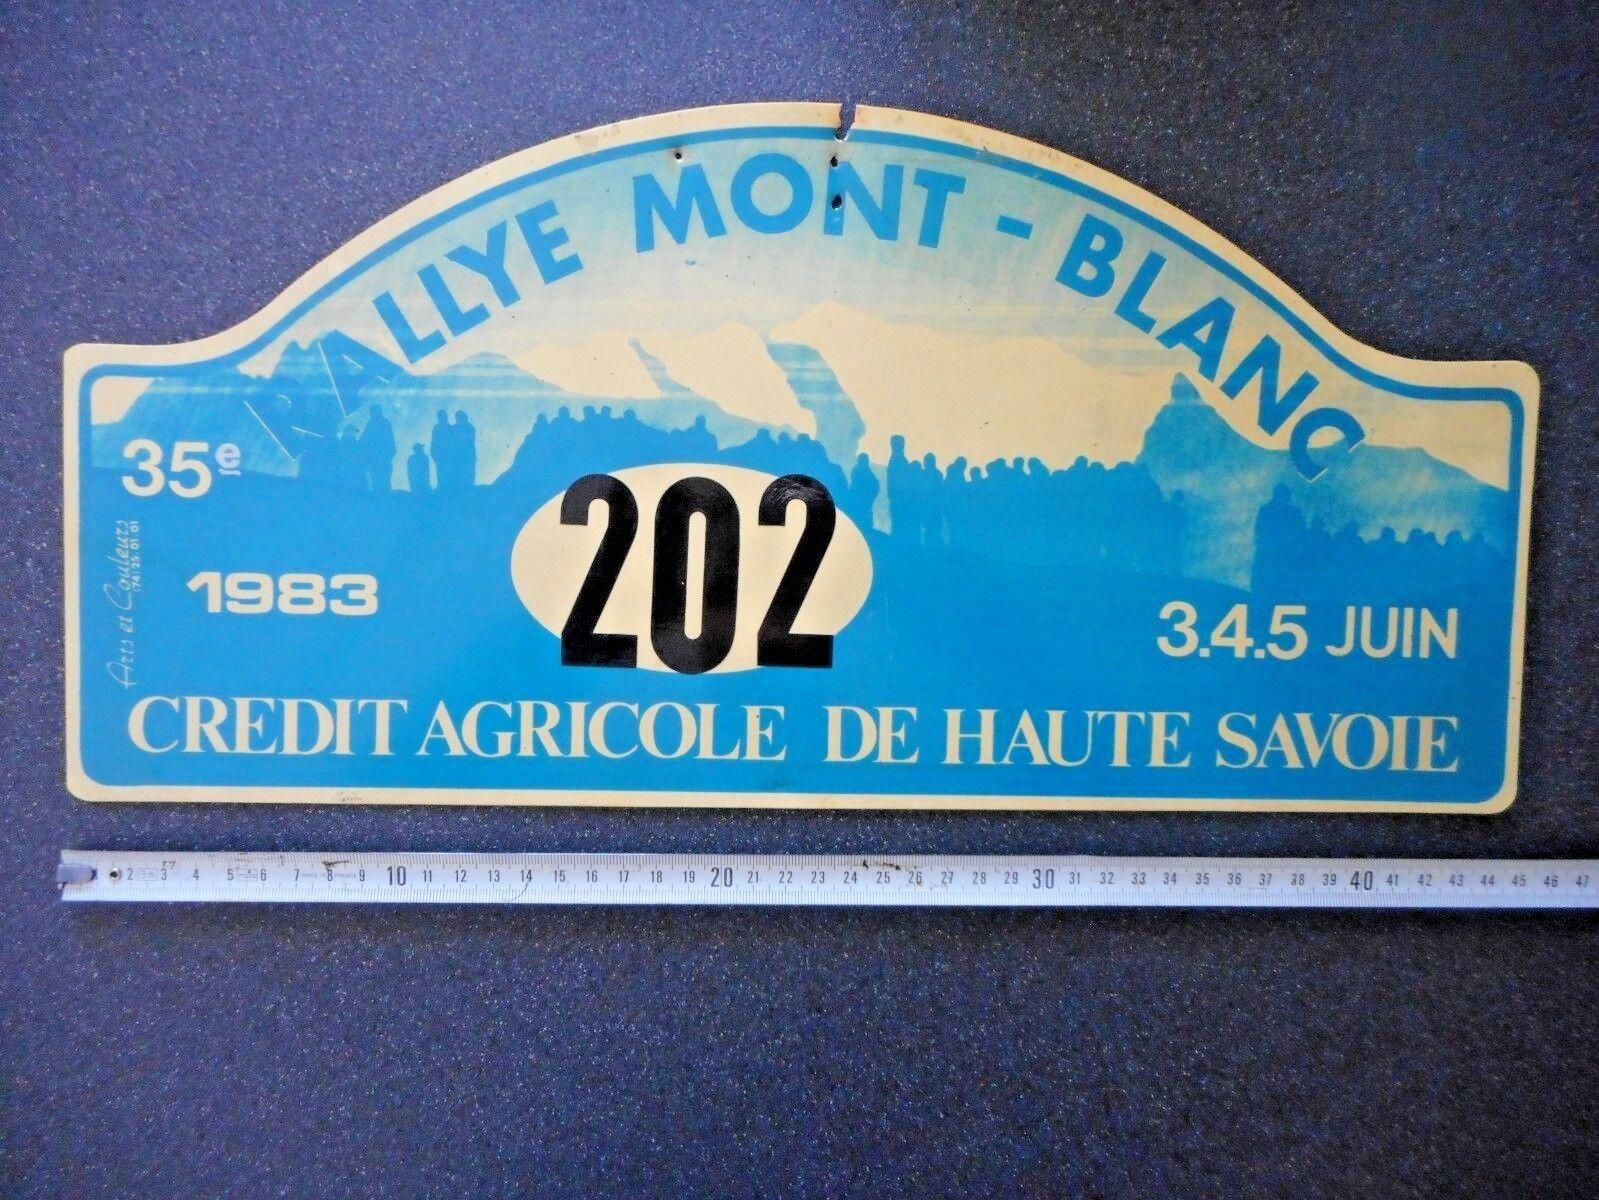 Véritable Plaque    RALLYE DU MONT BLANC   1983 coureur 202